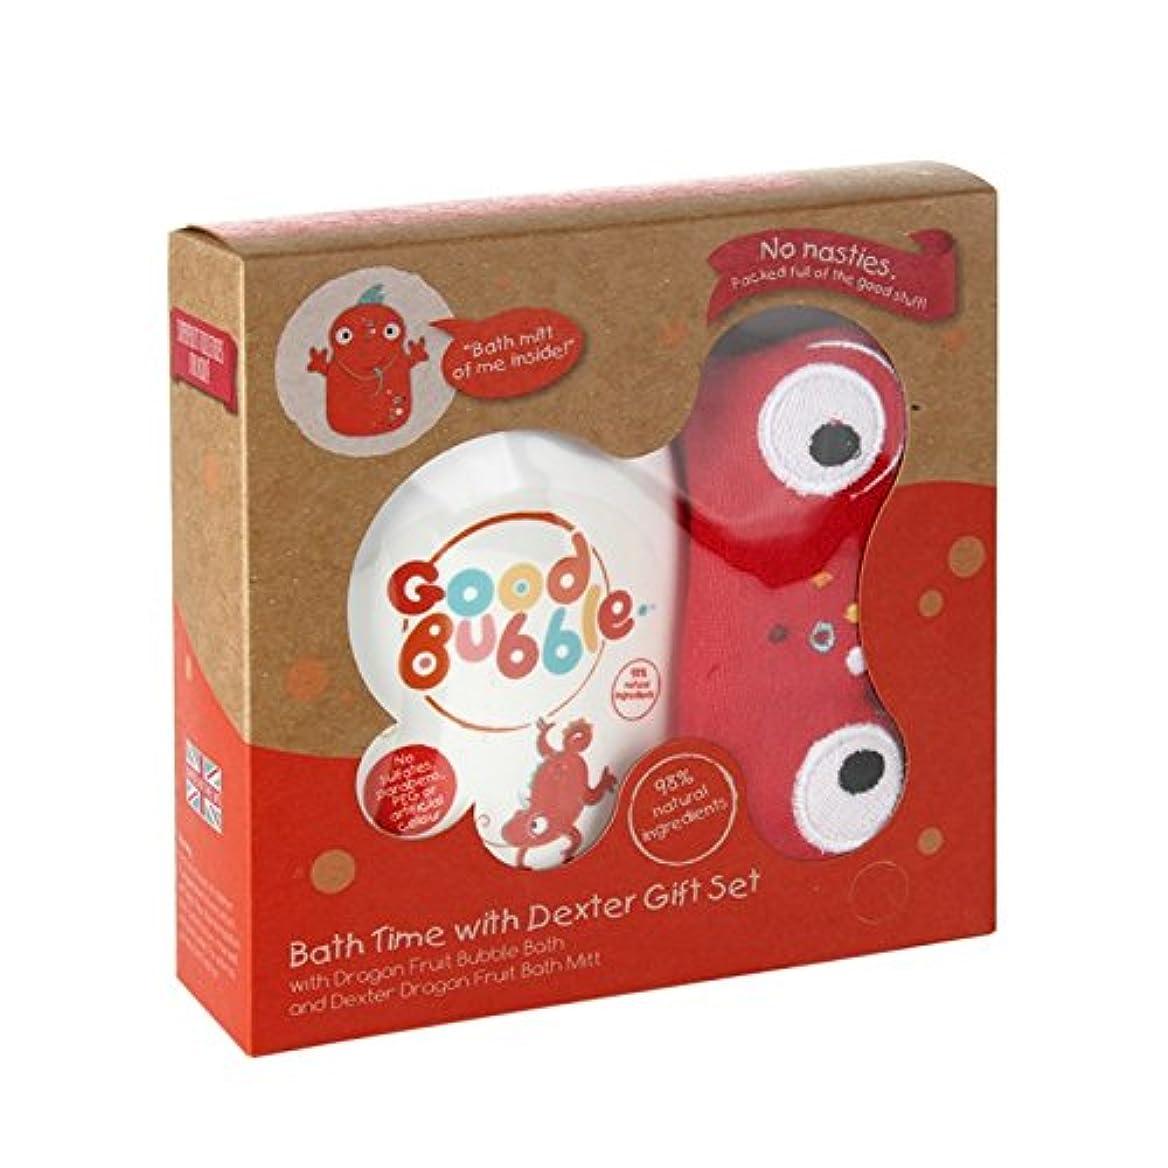 元気な結婚したカウンターパート良いバブルデクスターDragonfruitギフトセット550グラム - Good Bubble Dexter Dragonfruit Gift Set 550g (Good Bubble) [並行輸入品]